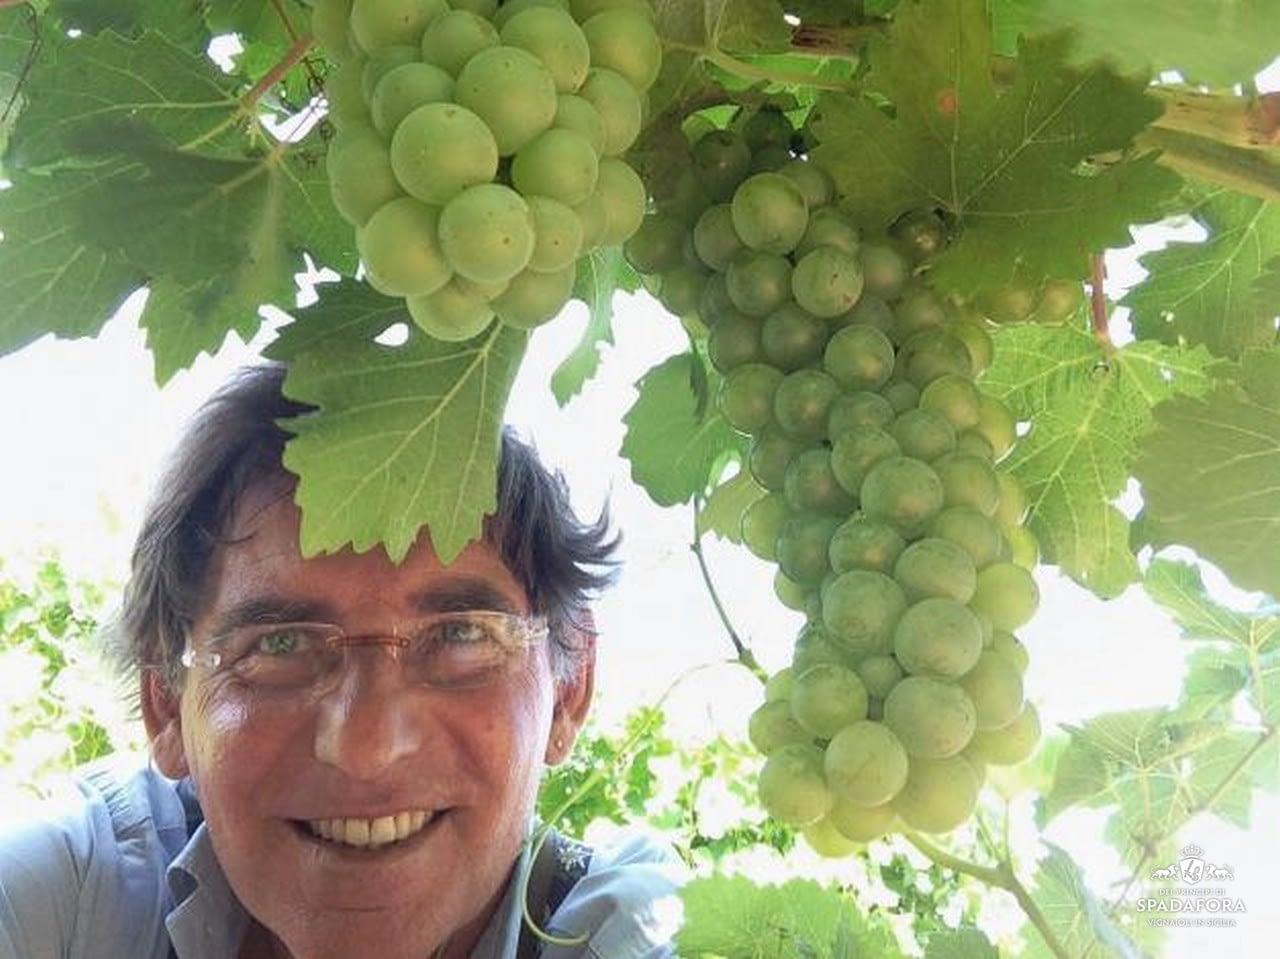 Dei-principi-di-spadafora-vino-bio-italiano